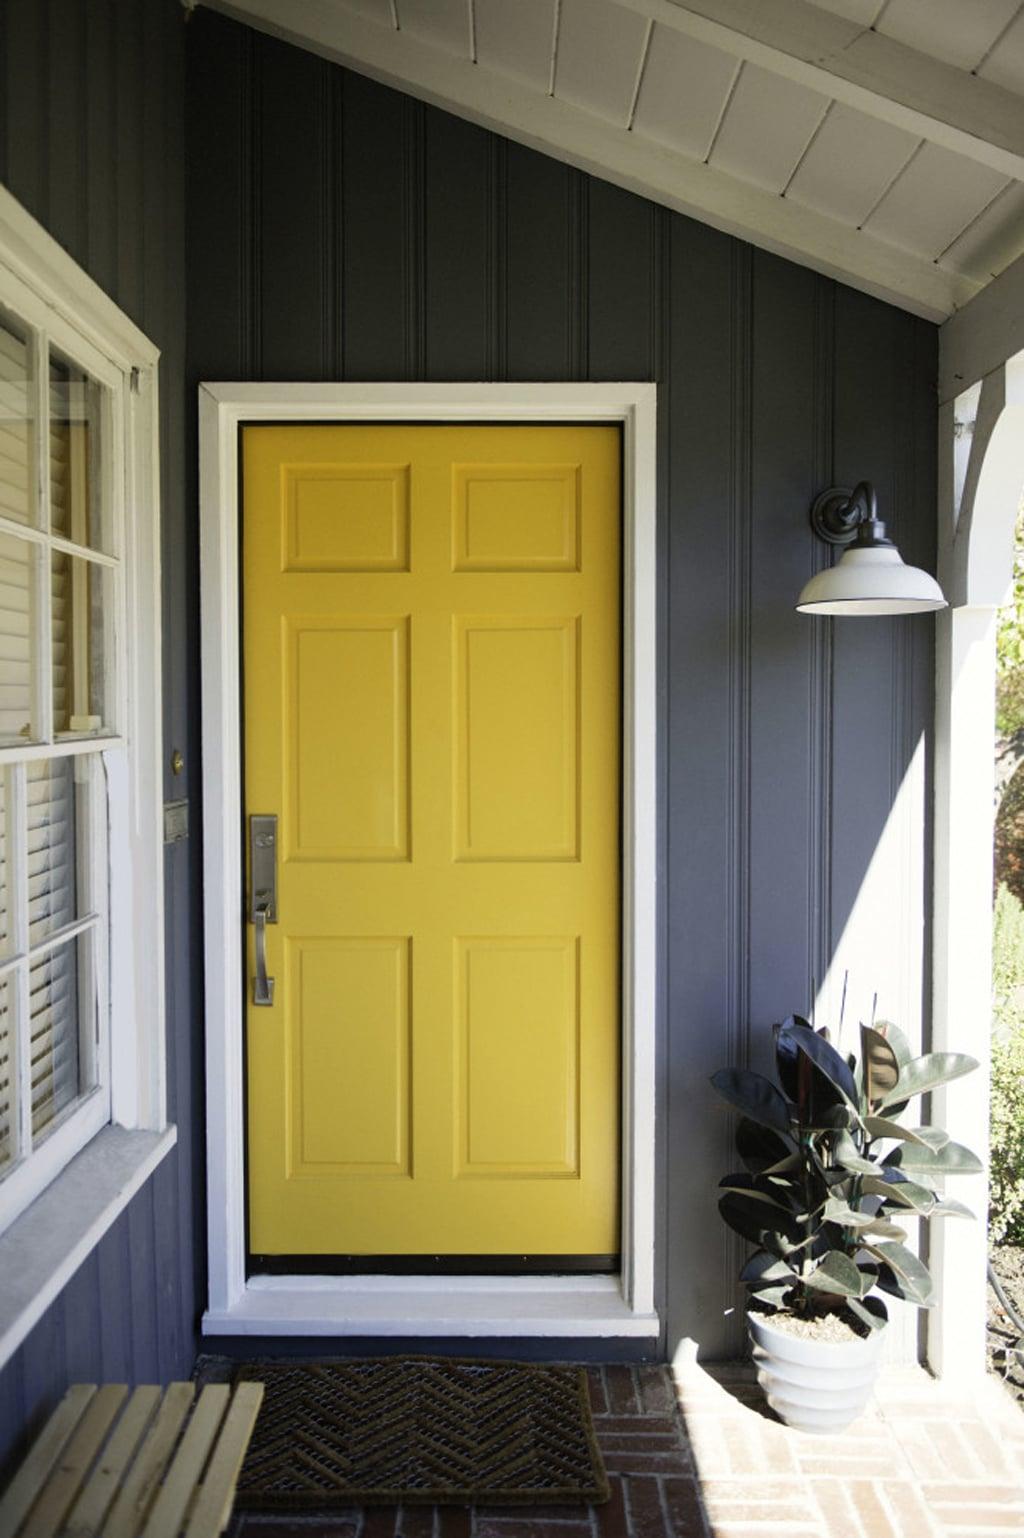 Goldenrod SW 6677 as front door